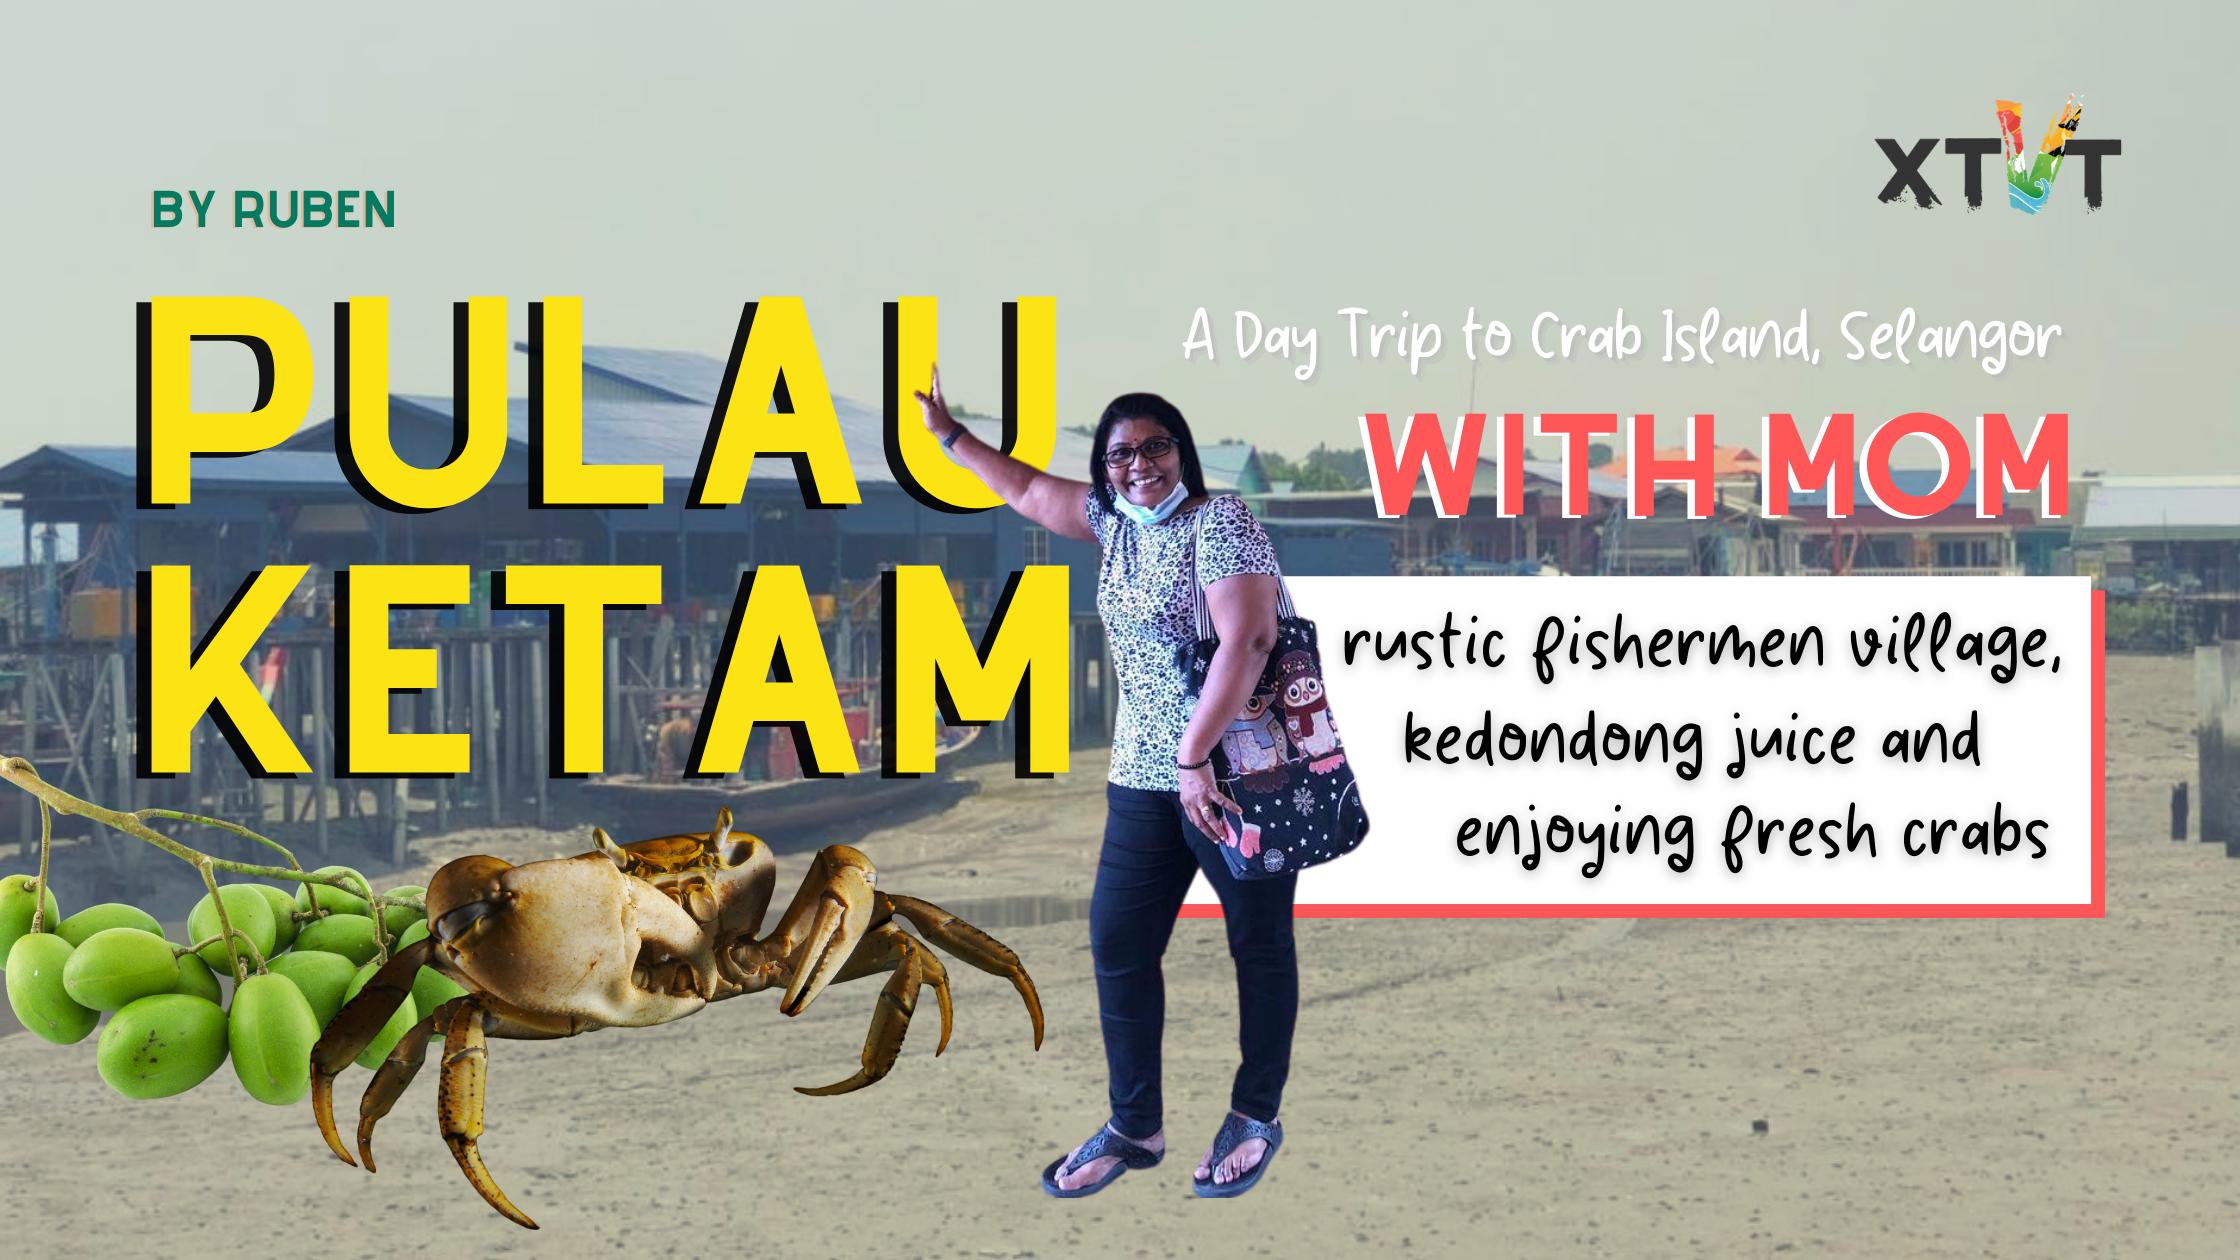 Of Fresh Crab, Kedondong Juice and Rustic Village at Pulau Ketam with My Mom